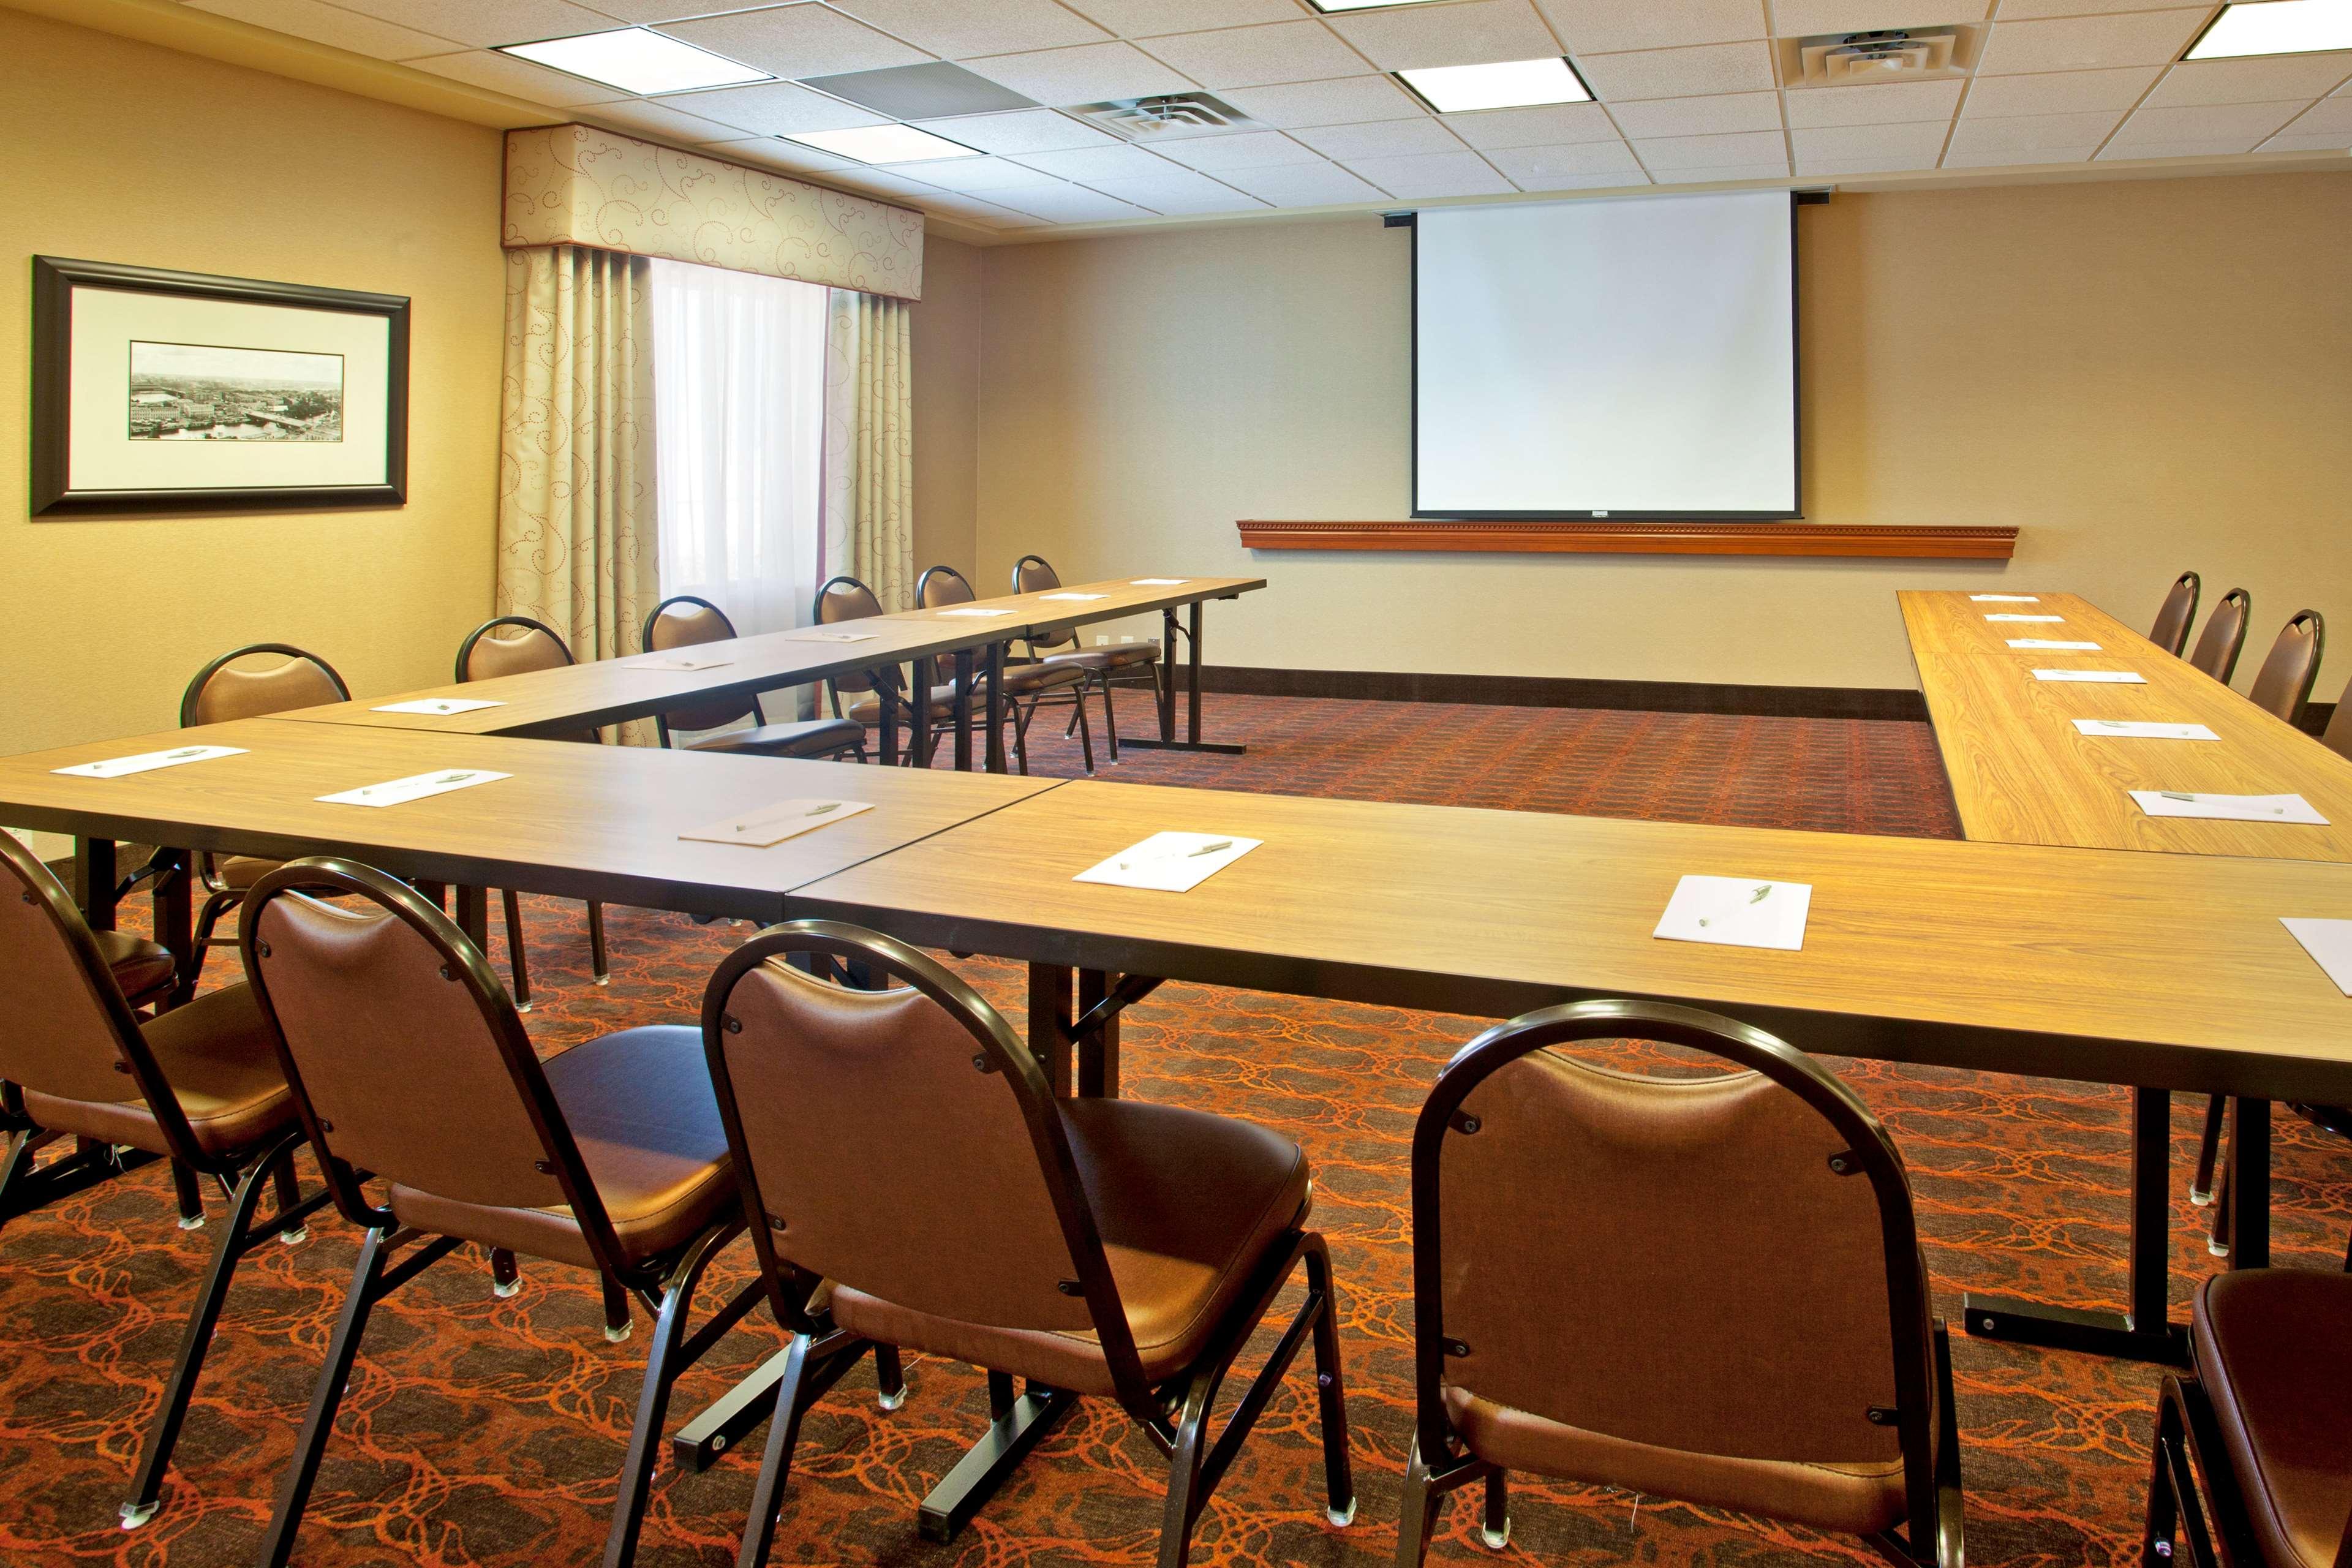 Hampton Inn Suites Minneapolis St Paul Arpt-Mall of America image 26